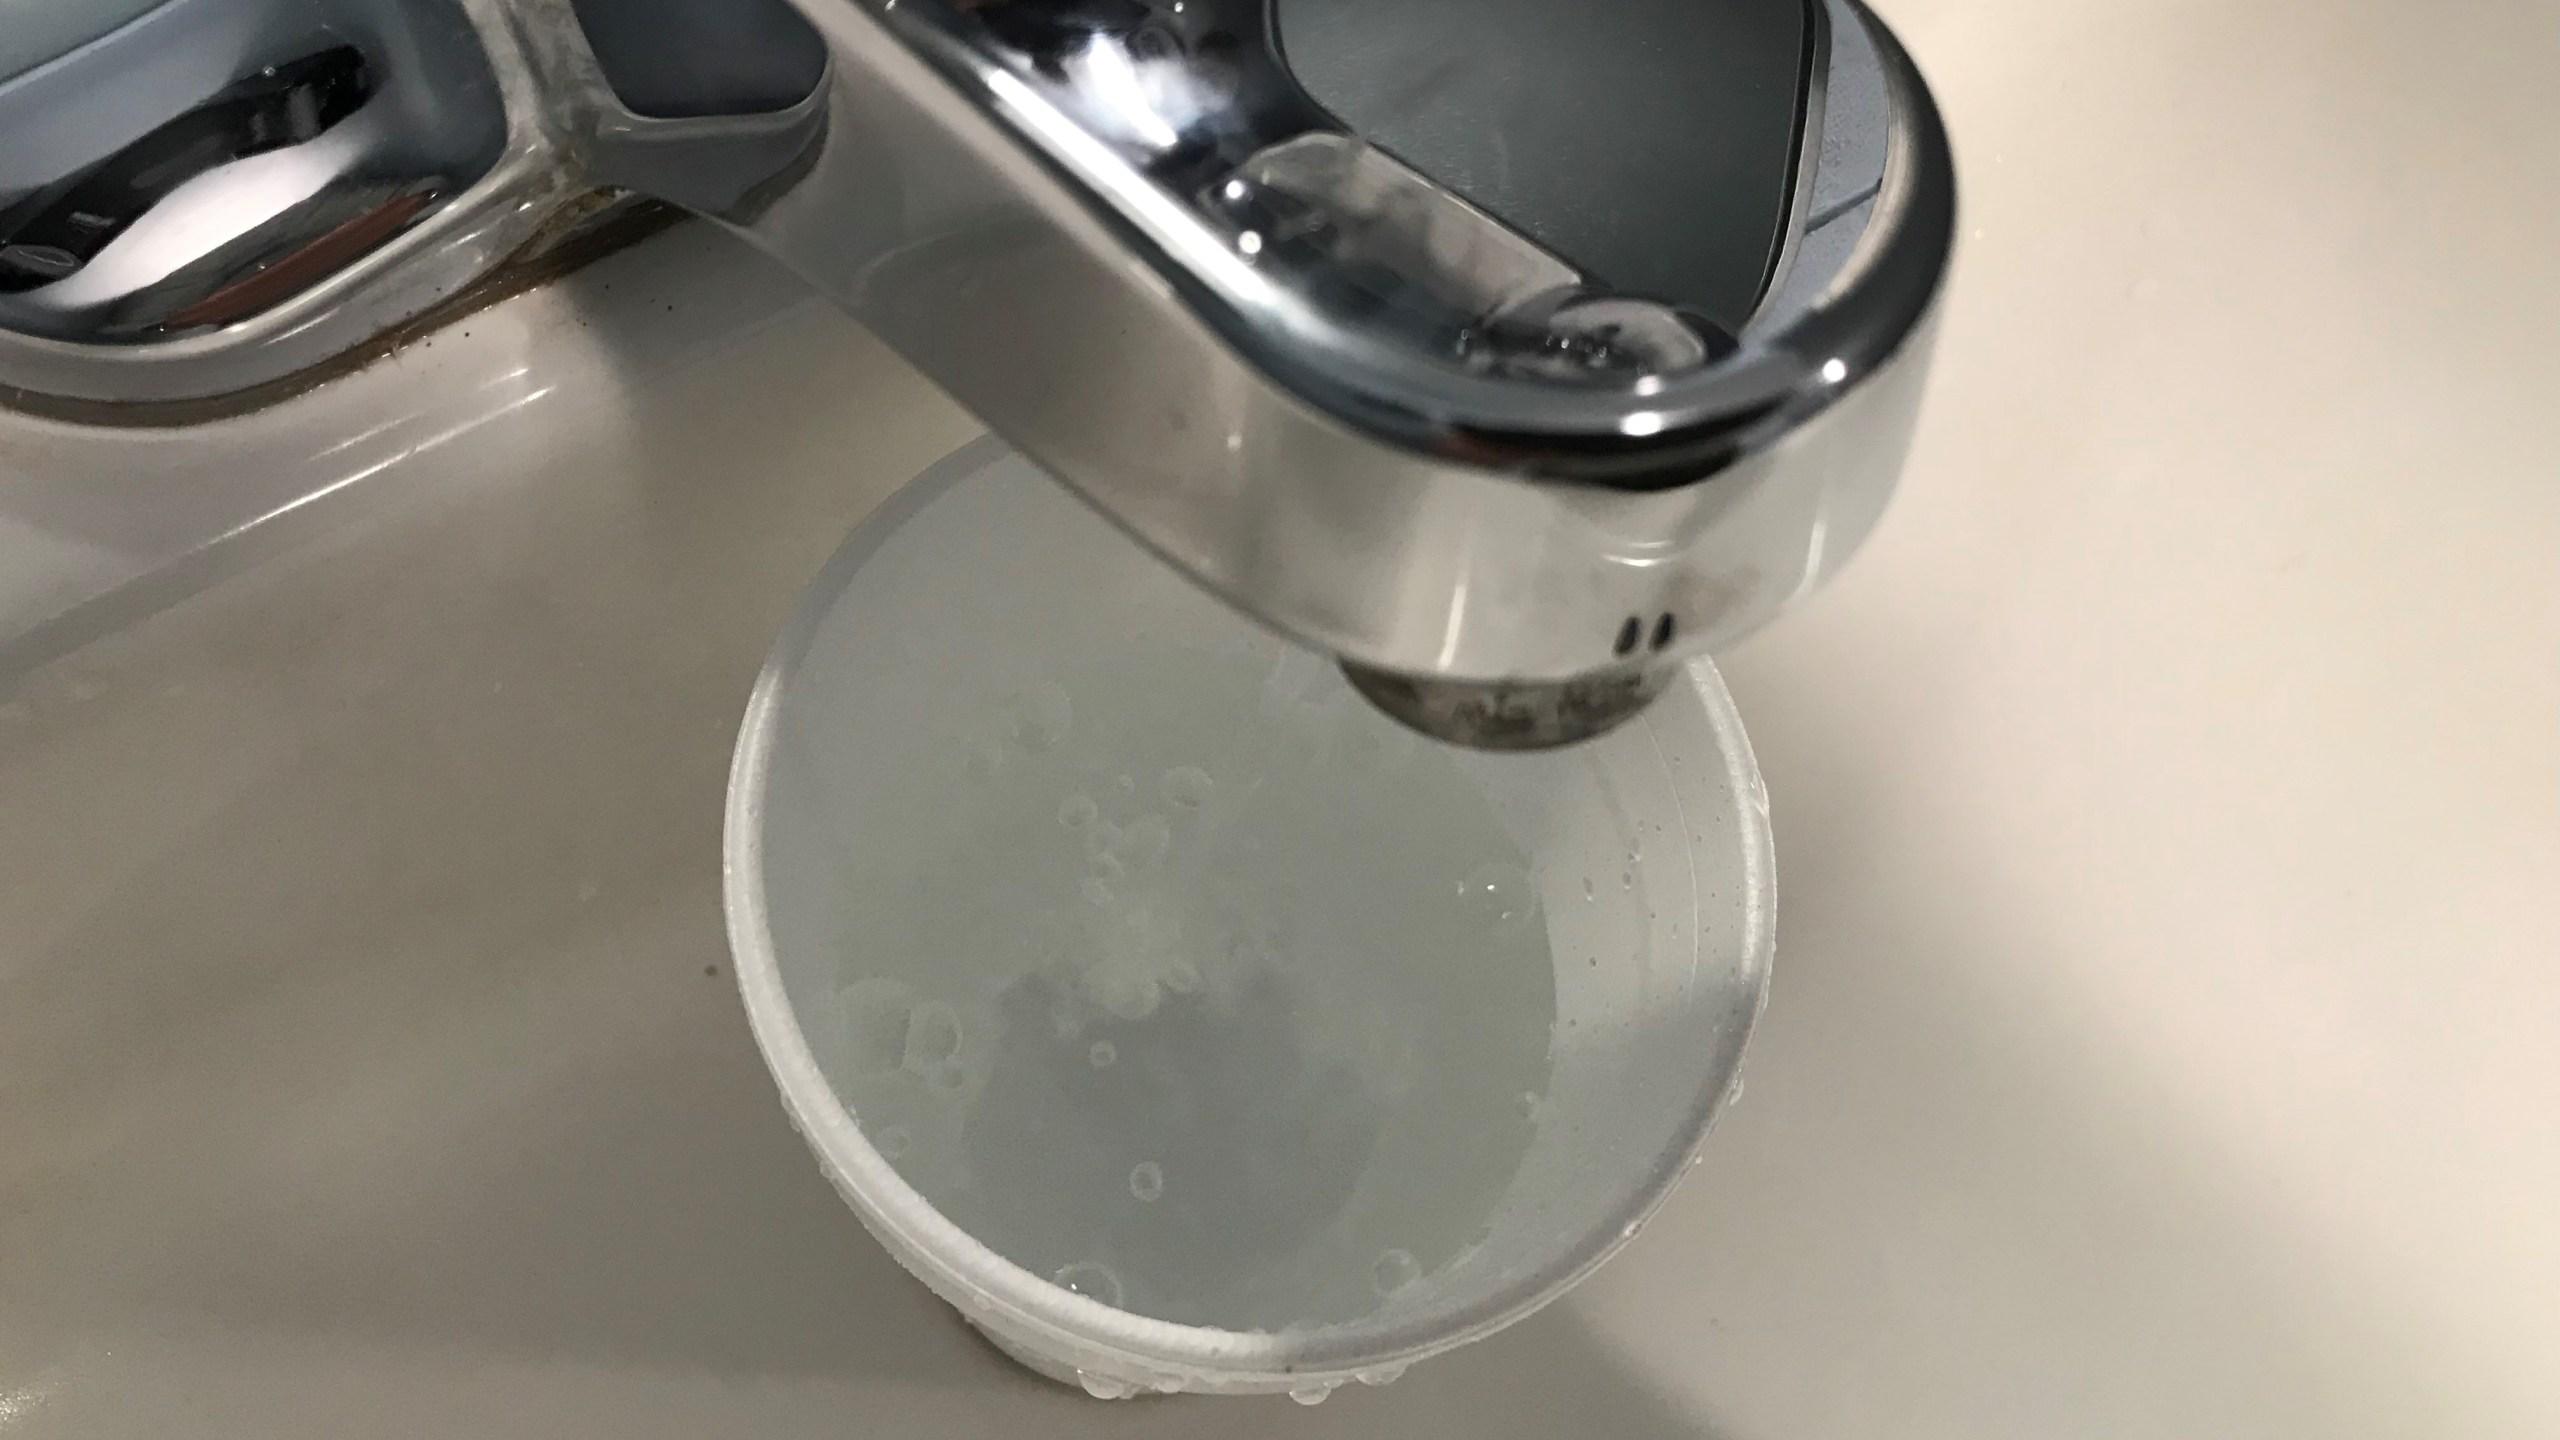 Water faucet sink_1539810416116.jpg.jpg